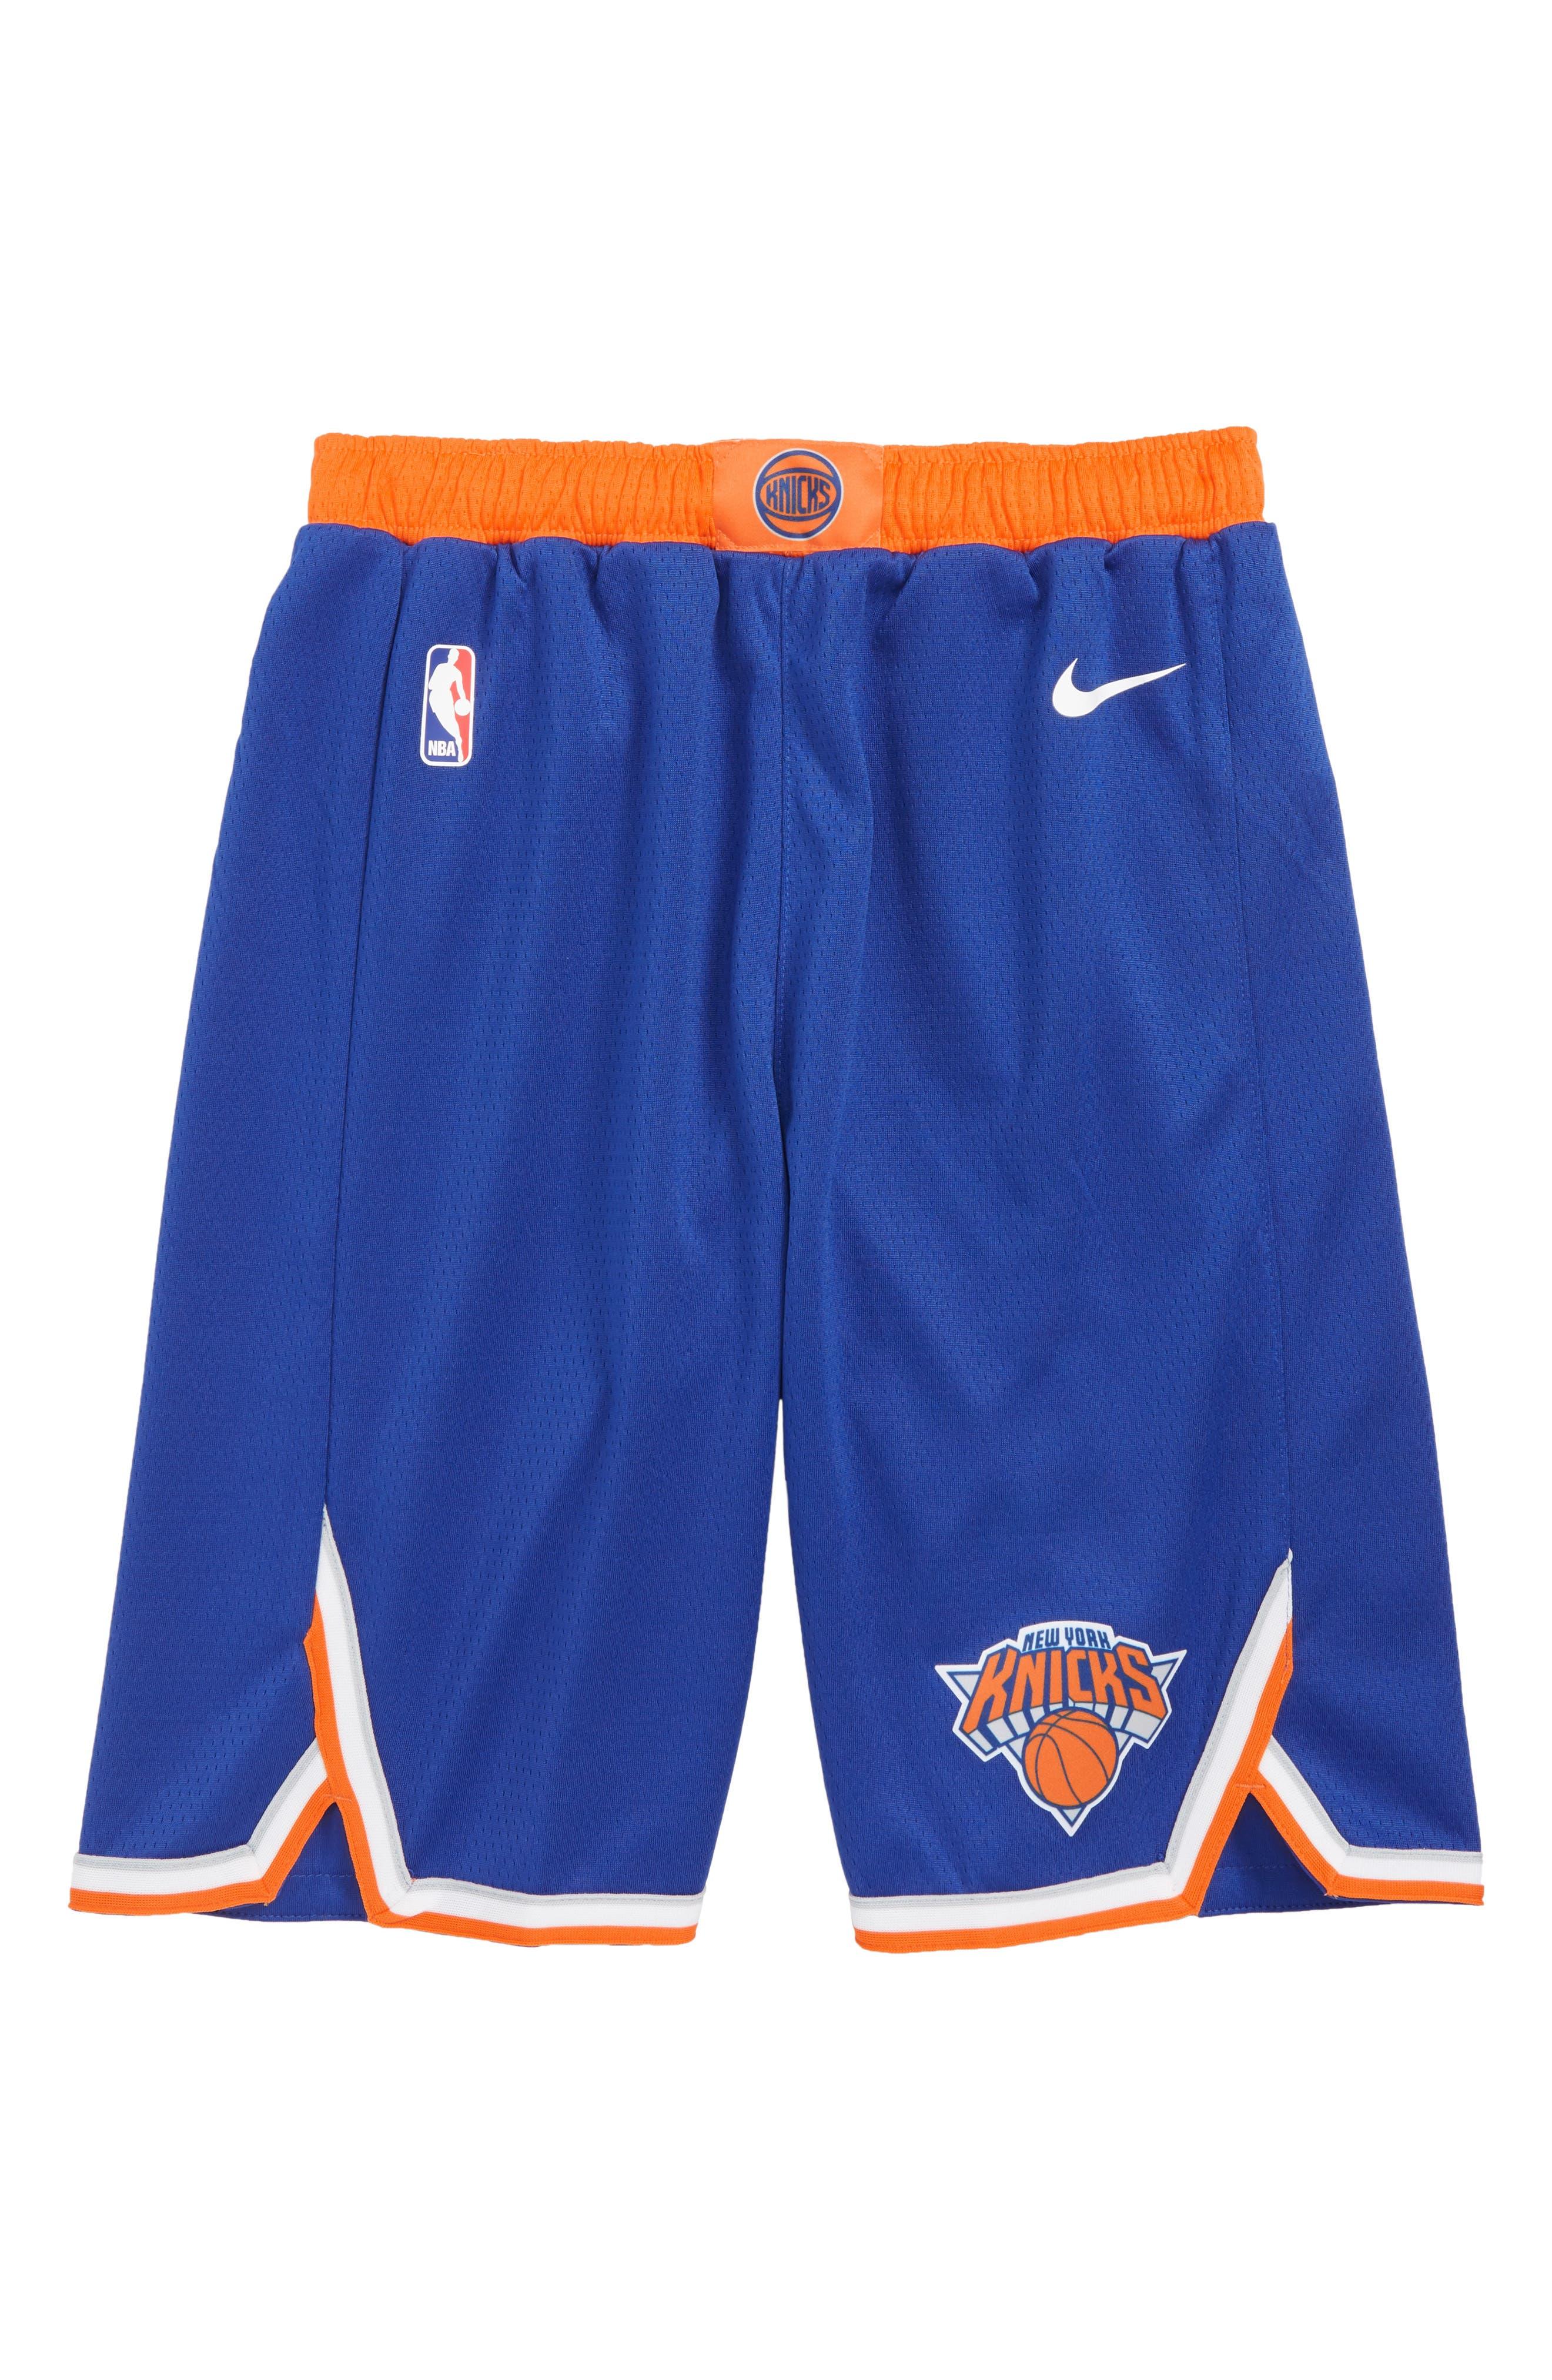 Icon New York Knicks Basketball Shorts,                             Main thumbnail 1, color,                             RUSH BLUE